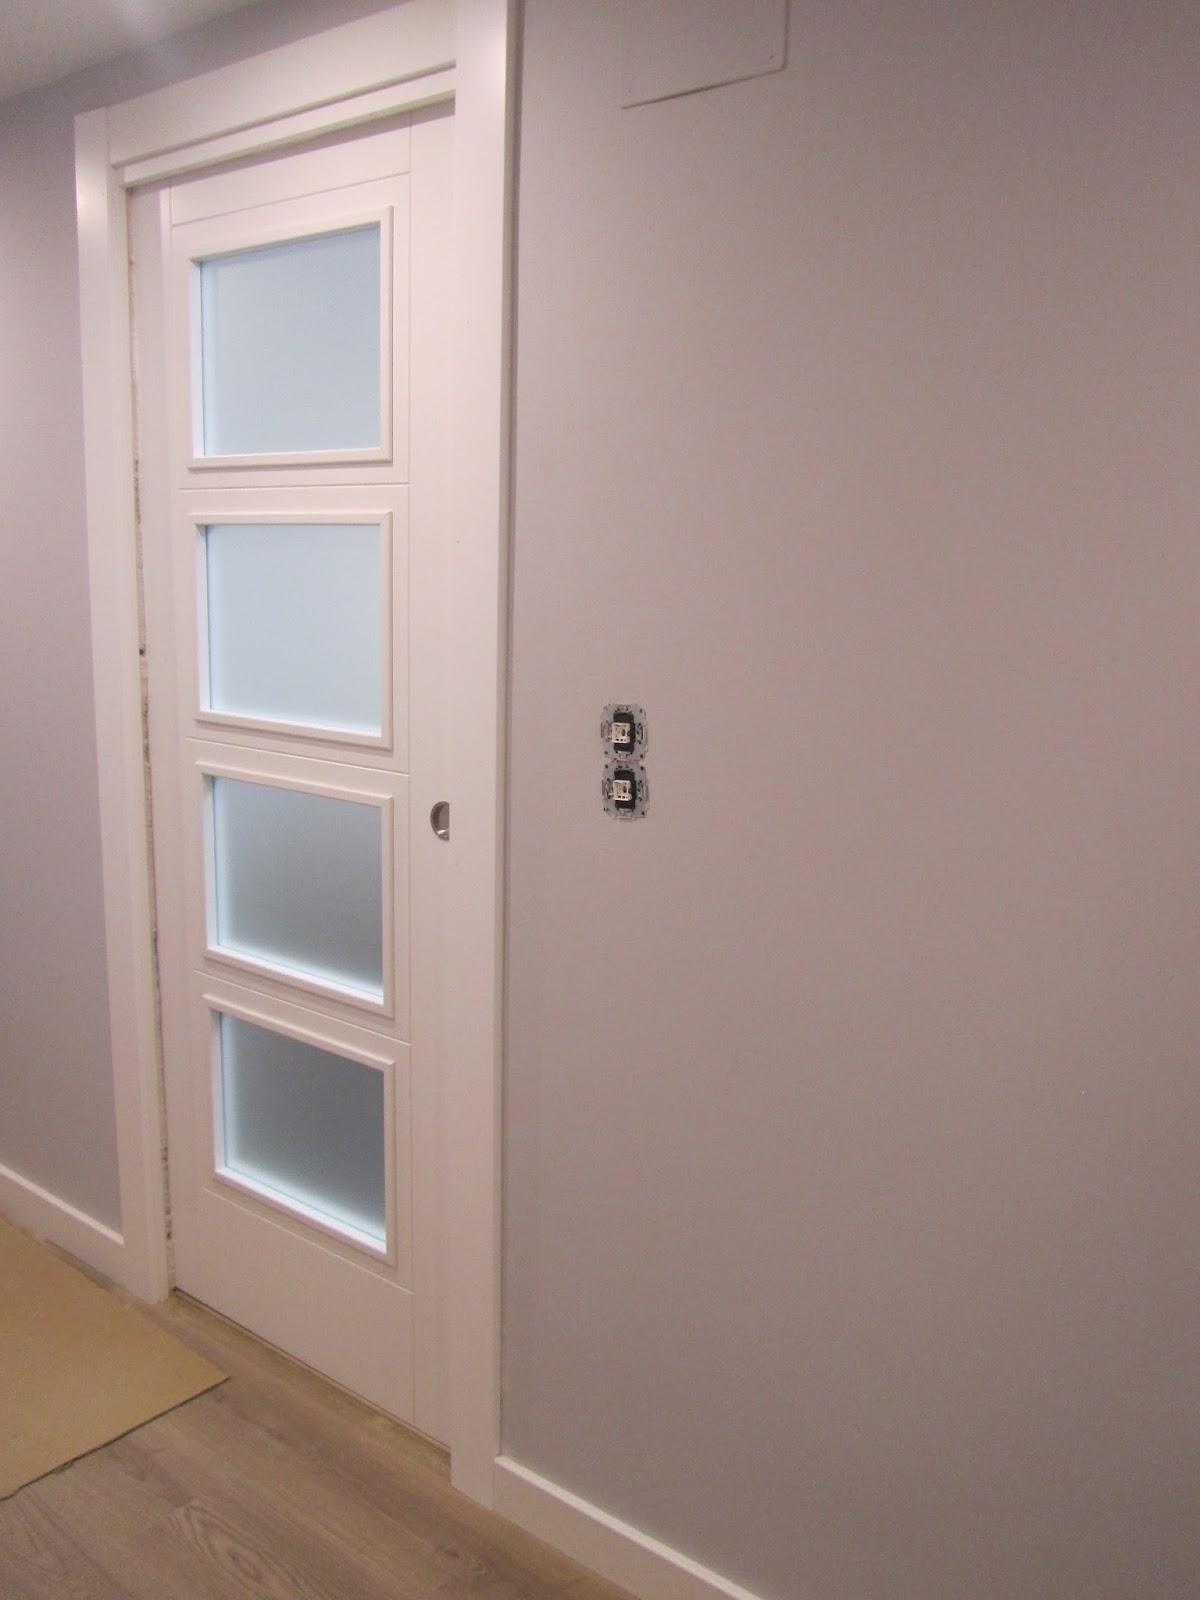 Puertas lozano venta puertas lacadas blancas puerta for Puertas macizas blancas